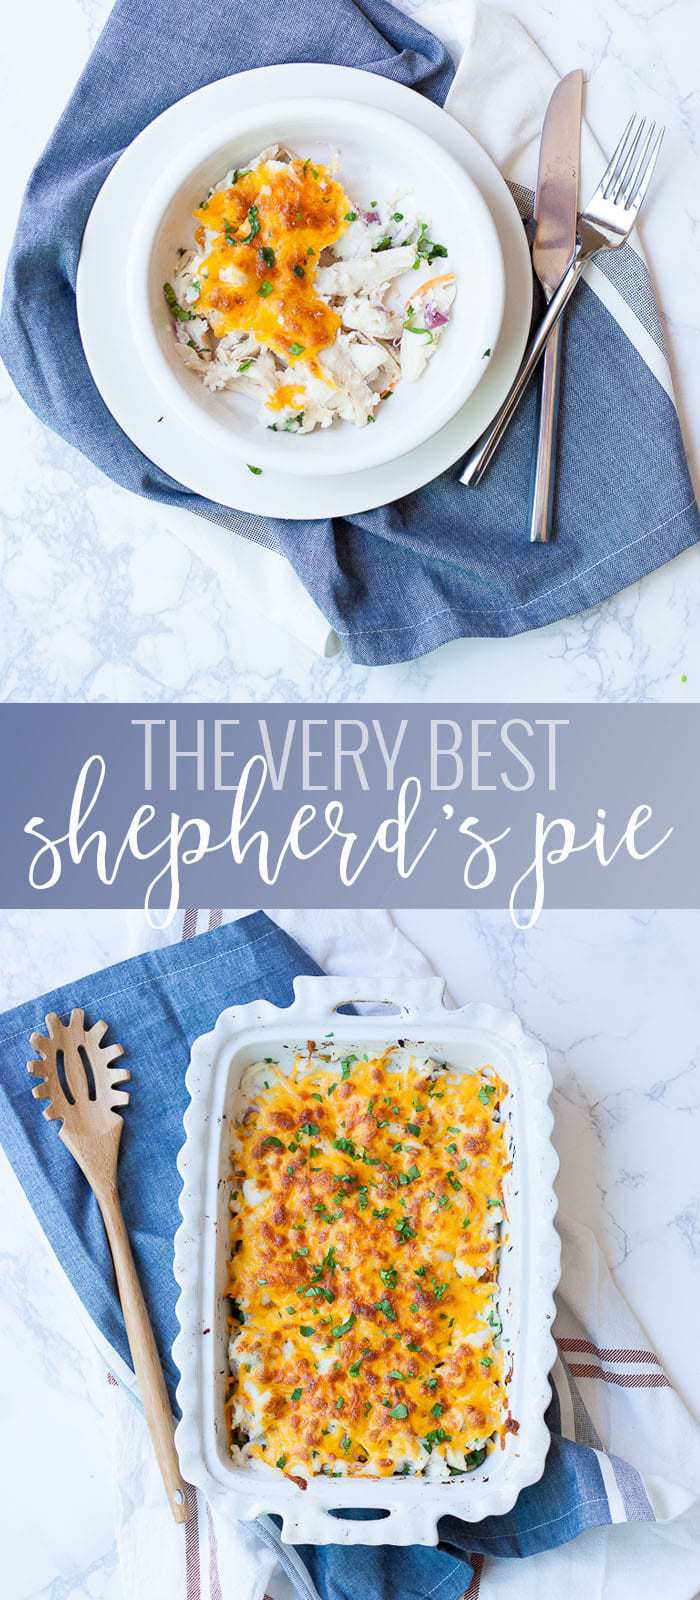 Healthy Shepherd's Pie pin